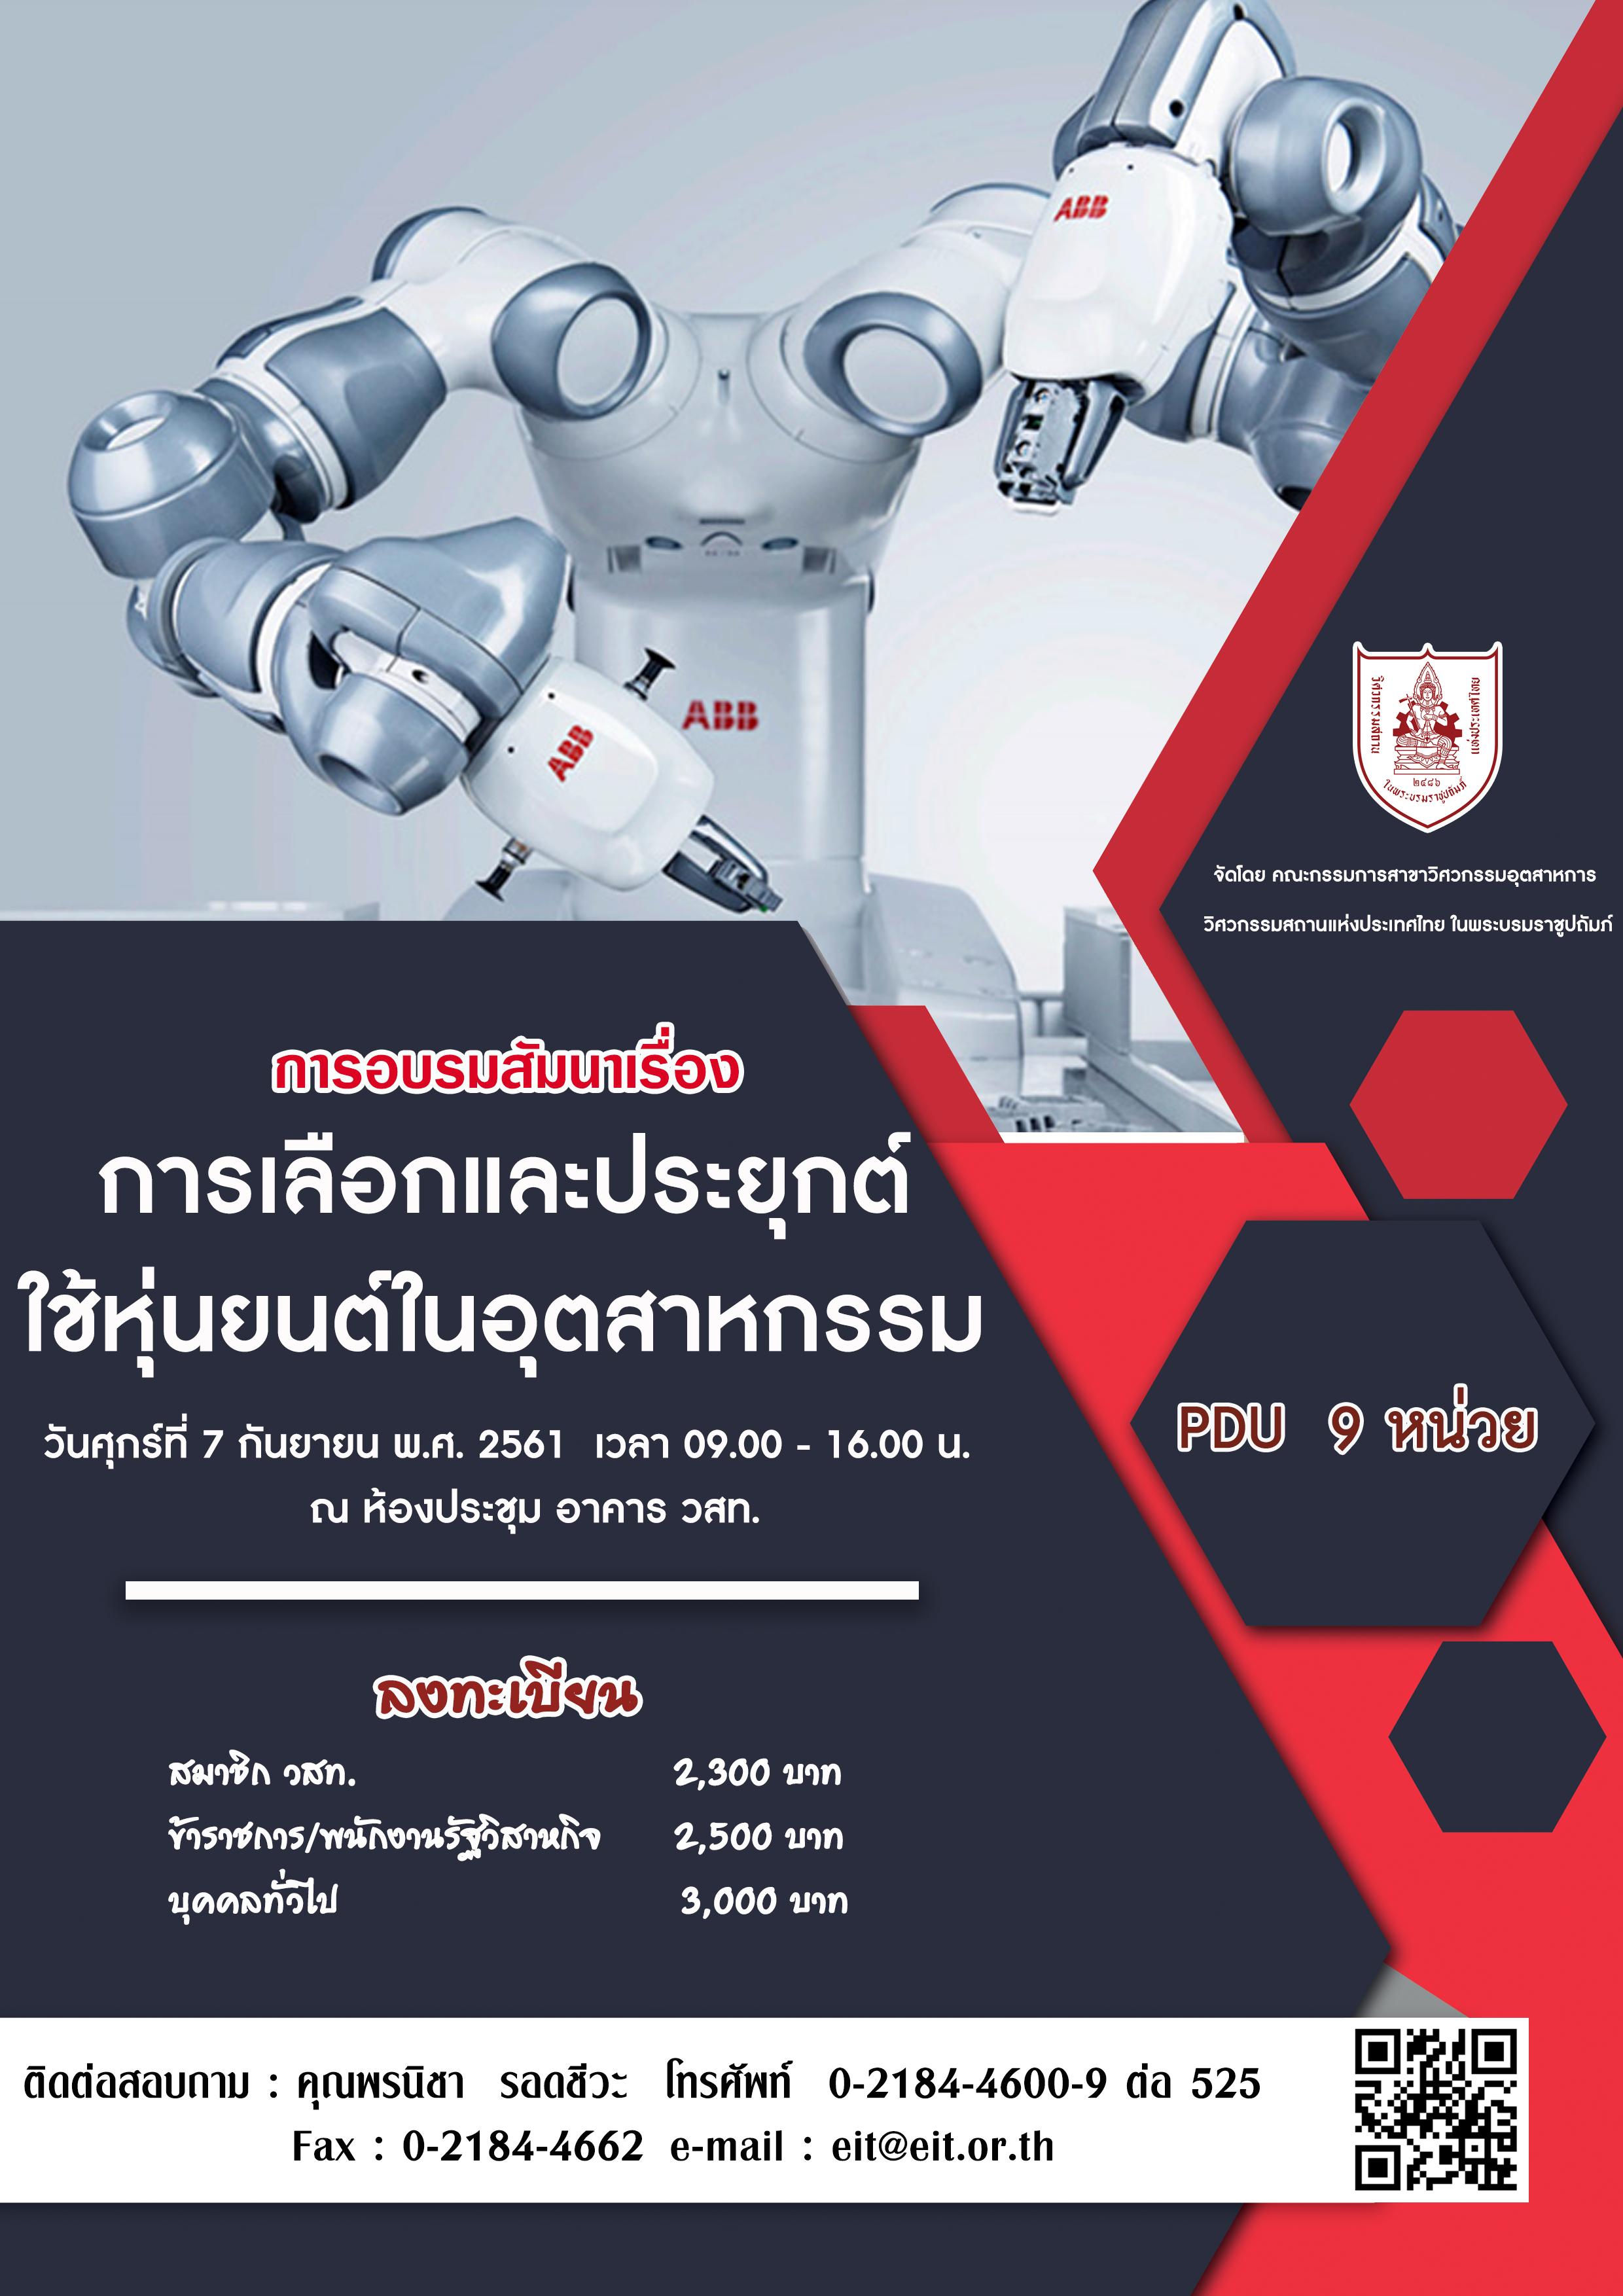 การเลือกและประยุกต์ใช้หุ่นยนต์ในอุตสาหกรรม